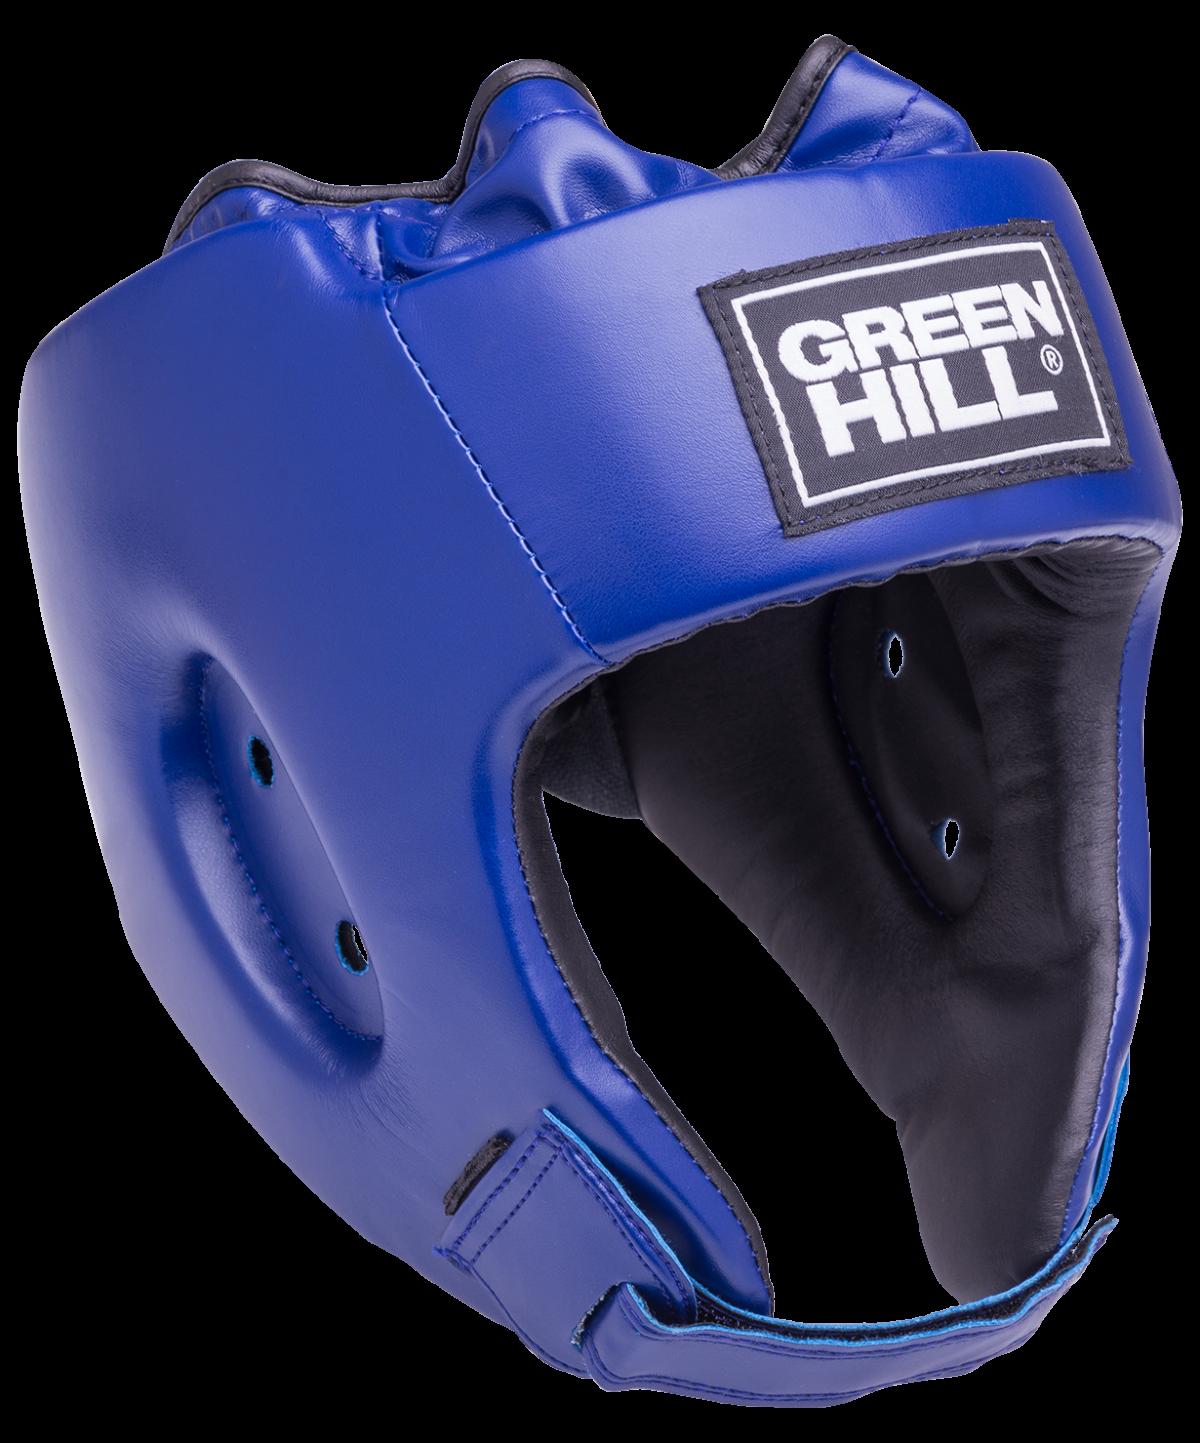 GREEN HILL Шлем открытый Special  HGS-4025: синий - 1